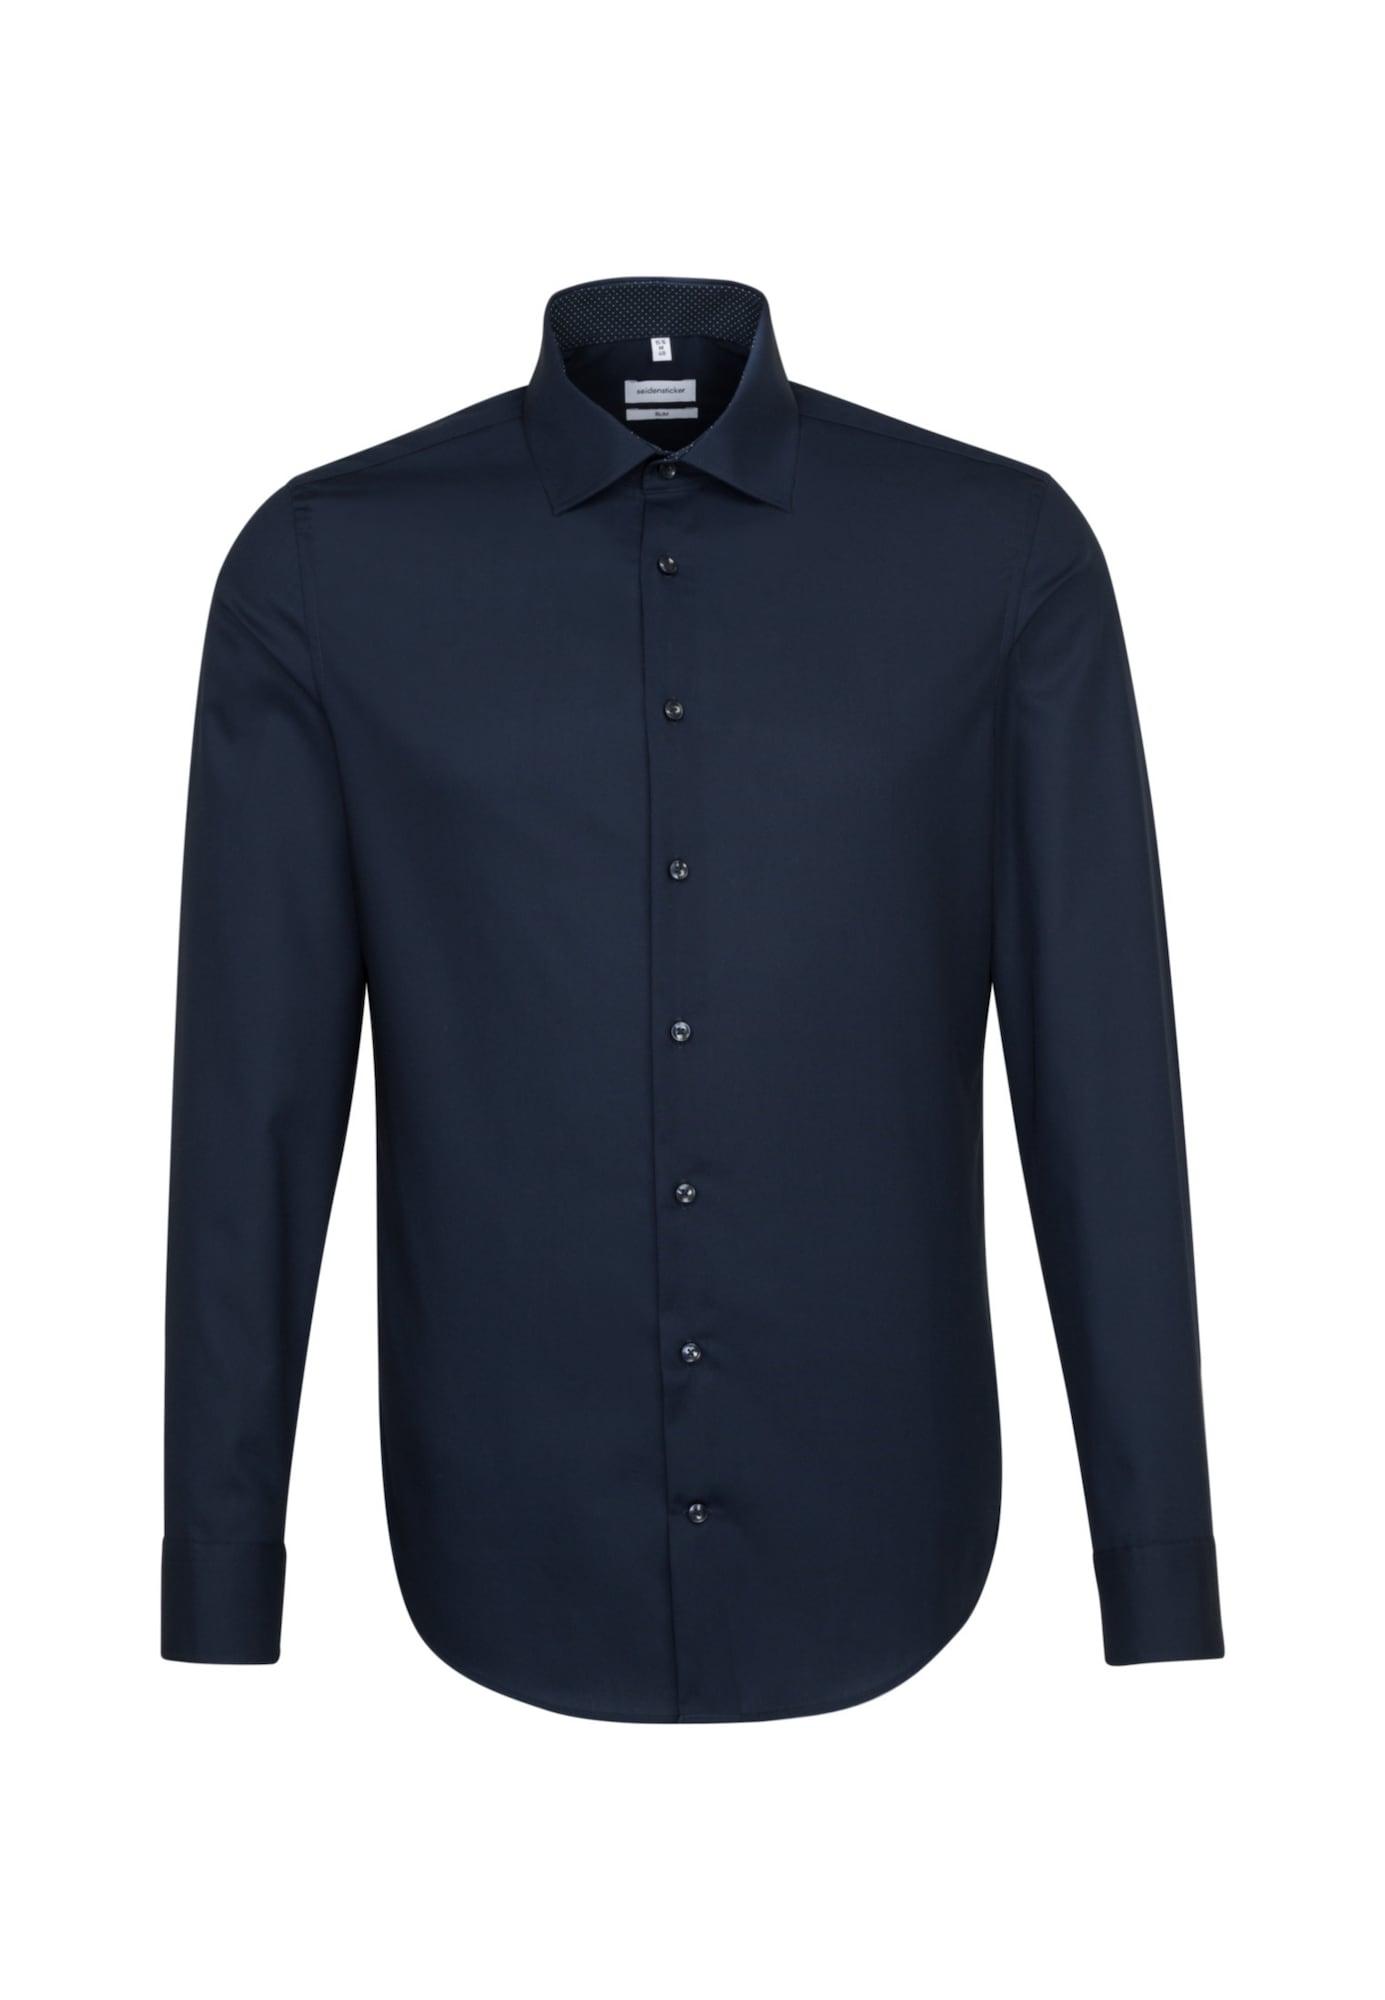 SEIDENSTICKER Dalykinio stiliaus marškiniai nakties mėlyna